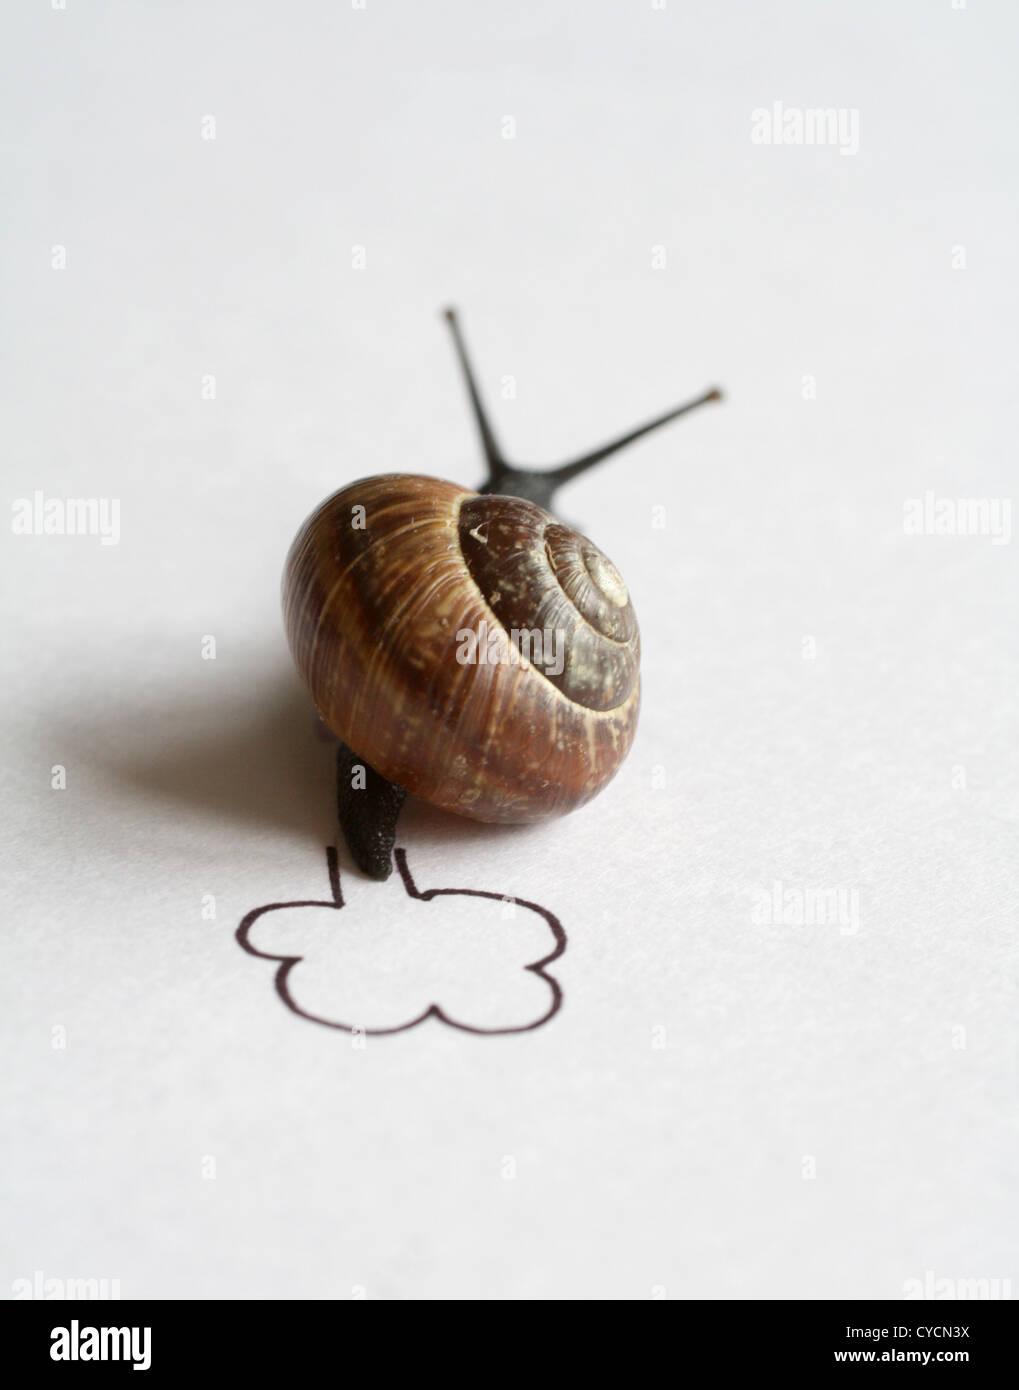 ,Escargot escargot,course d'escargots Photo Stock